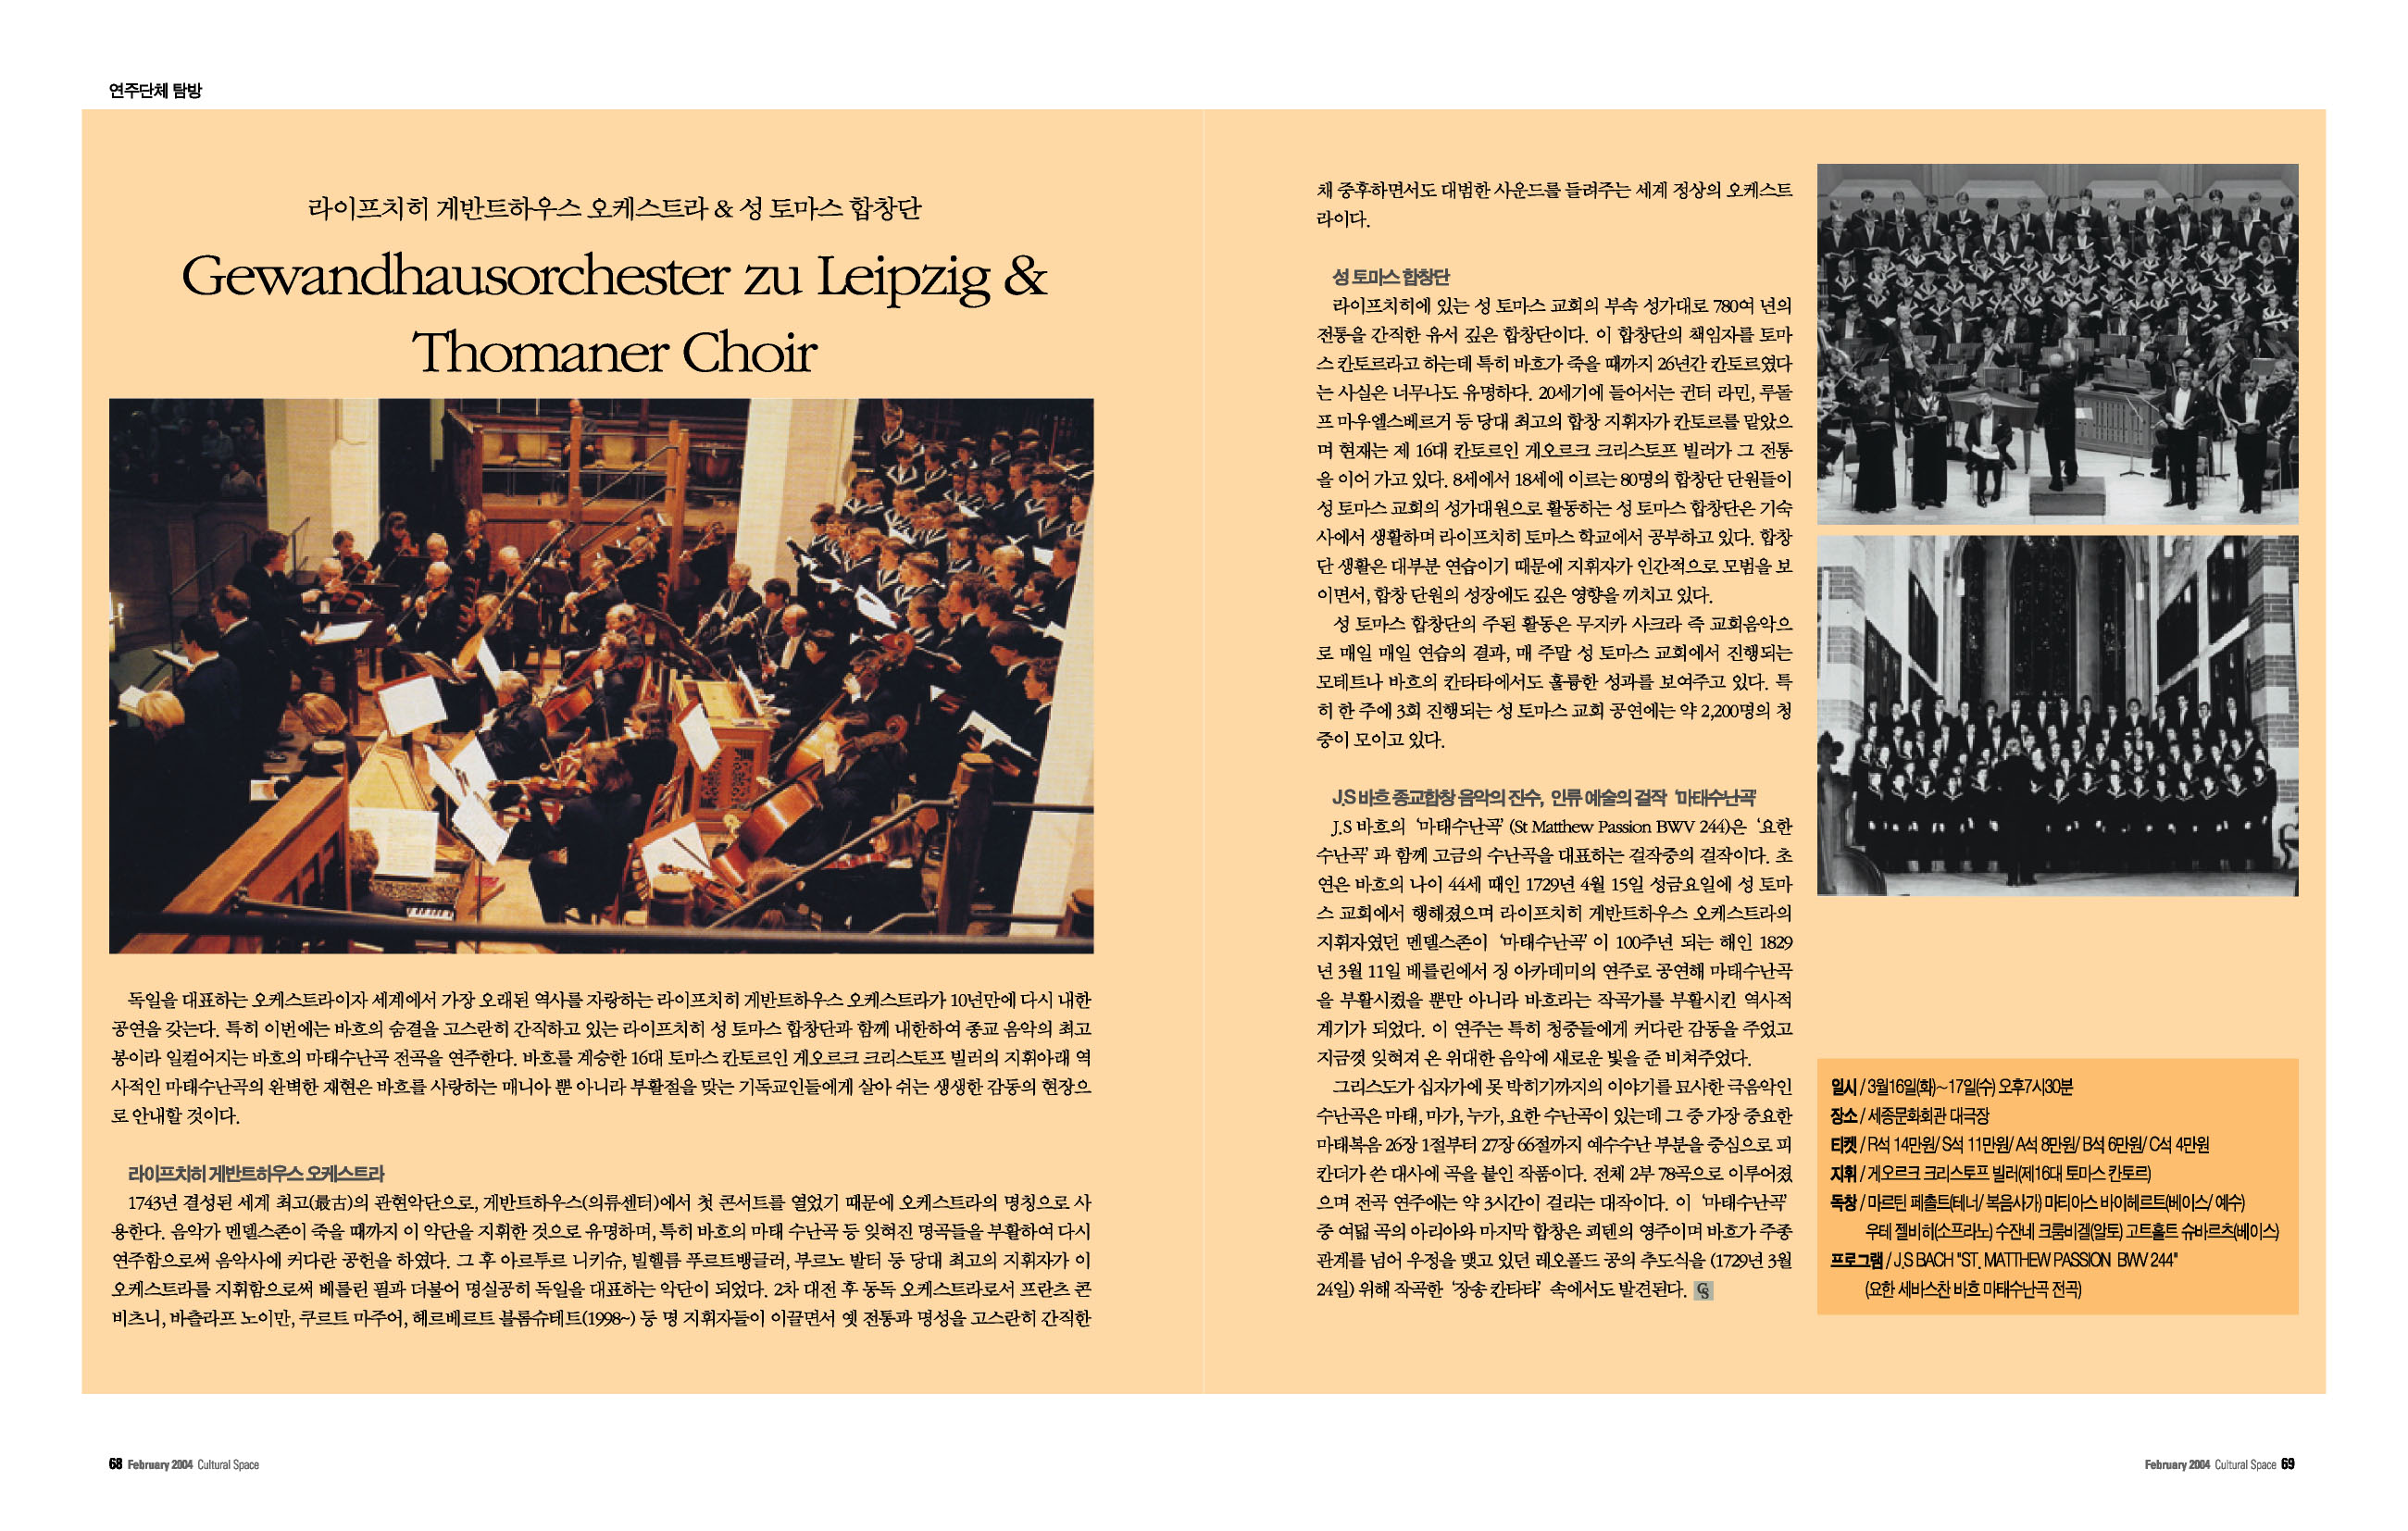 1978년 개관 이후 수많은 명공연이 열린 세종문화회관. 음악 평론가 류태형이 '내 인생 최고의 세종 공연 10개'를 꼽았다.